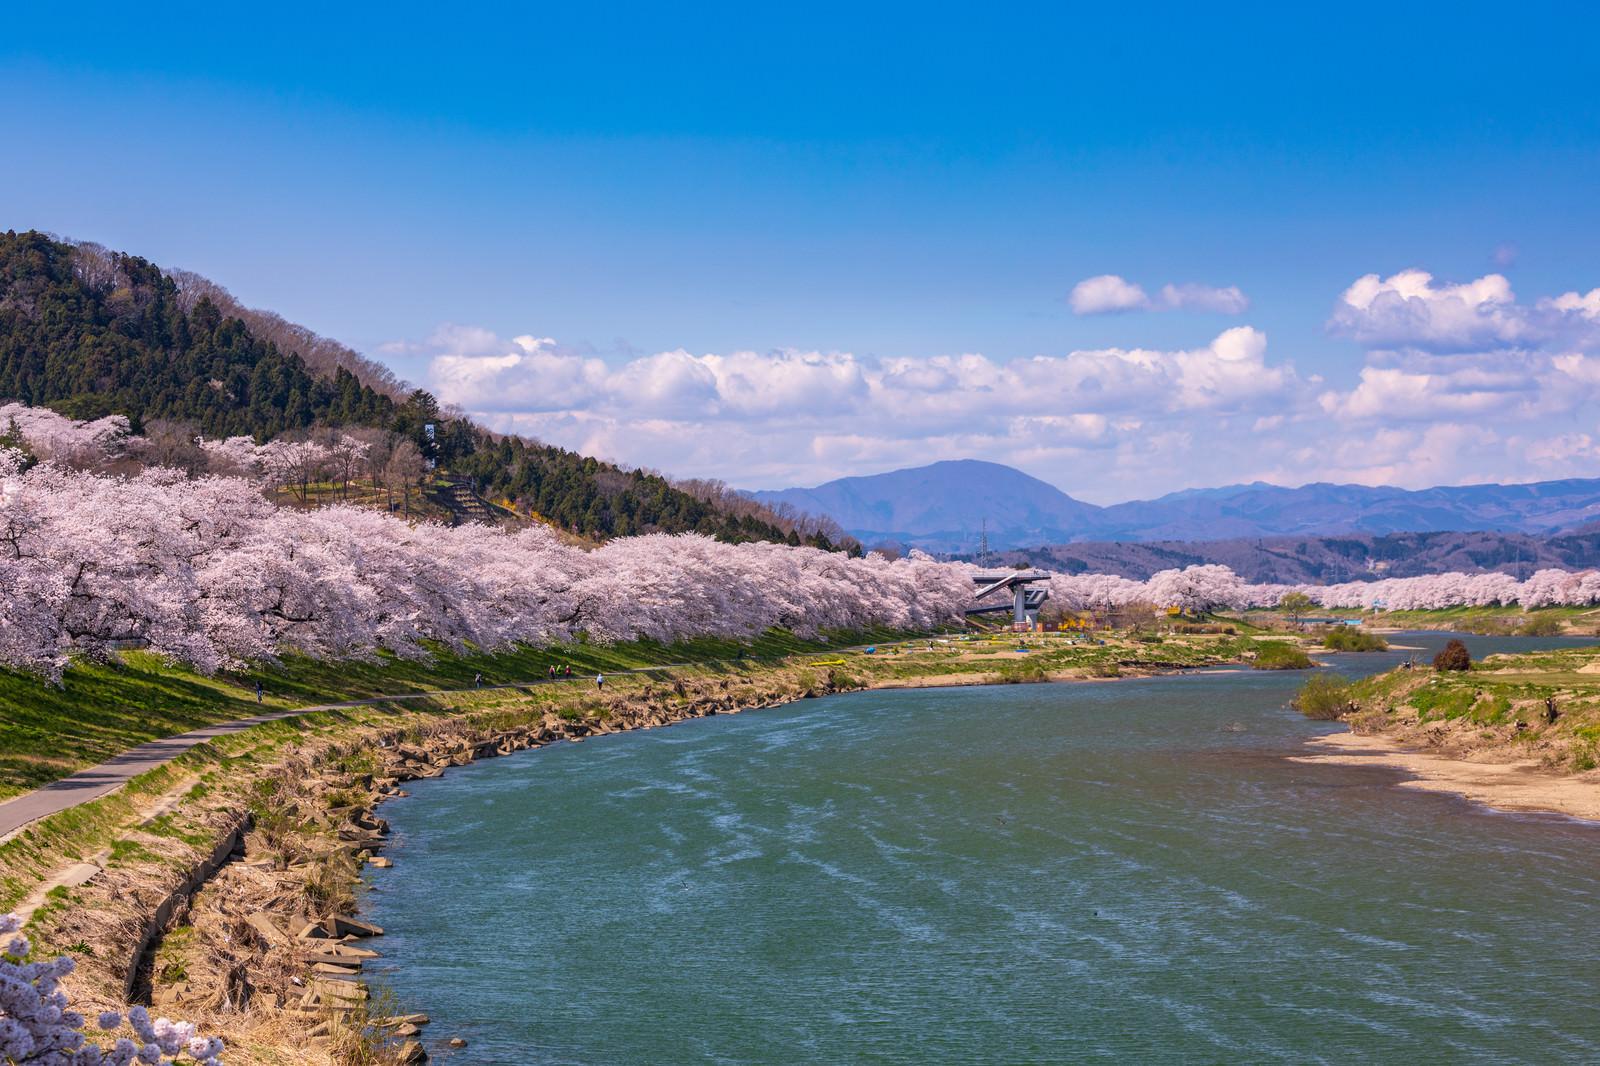 「一目千本桜(ひとめせんぼんざくら)」の写真